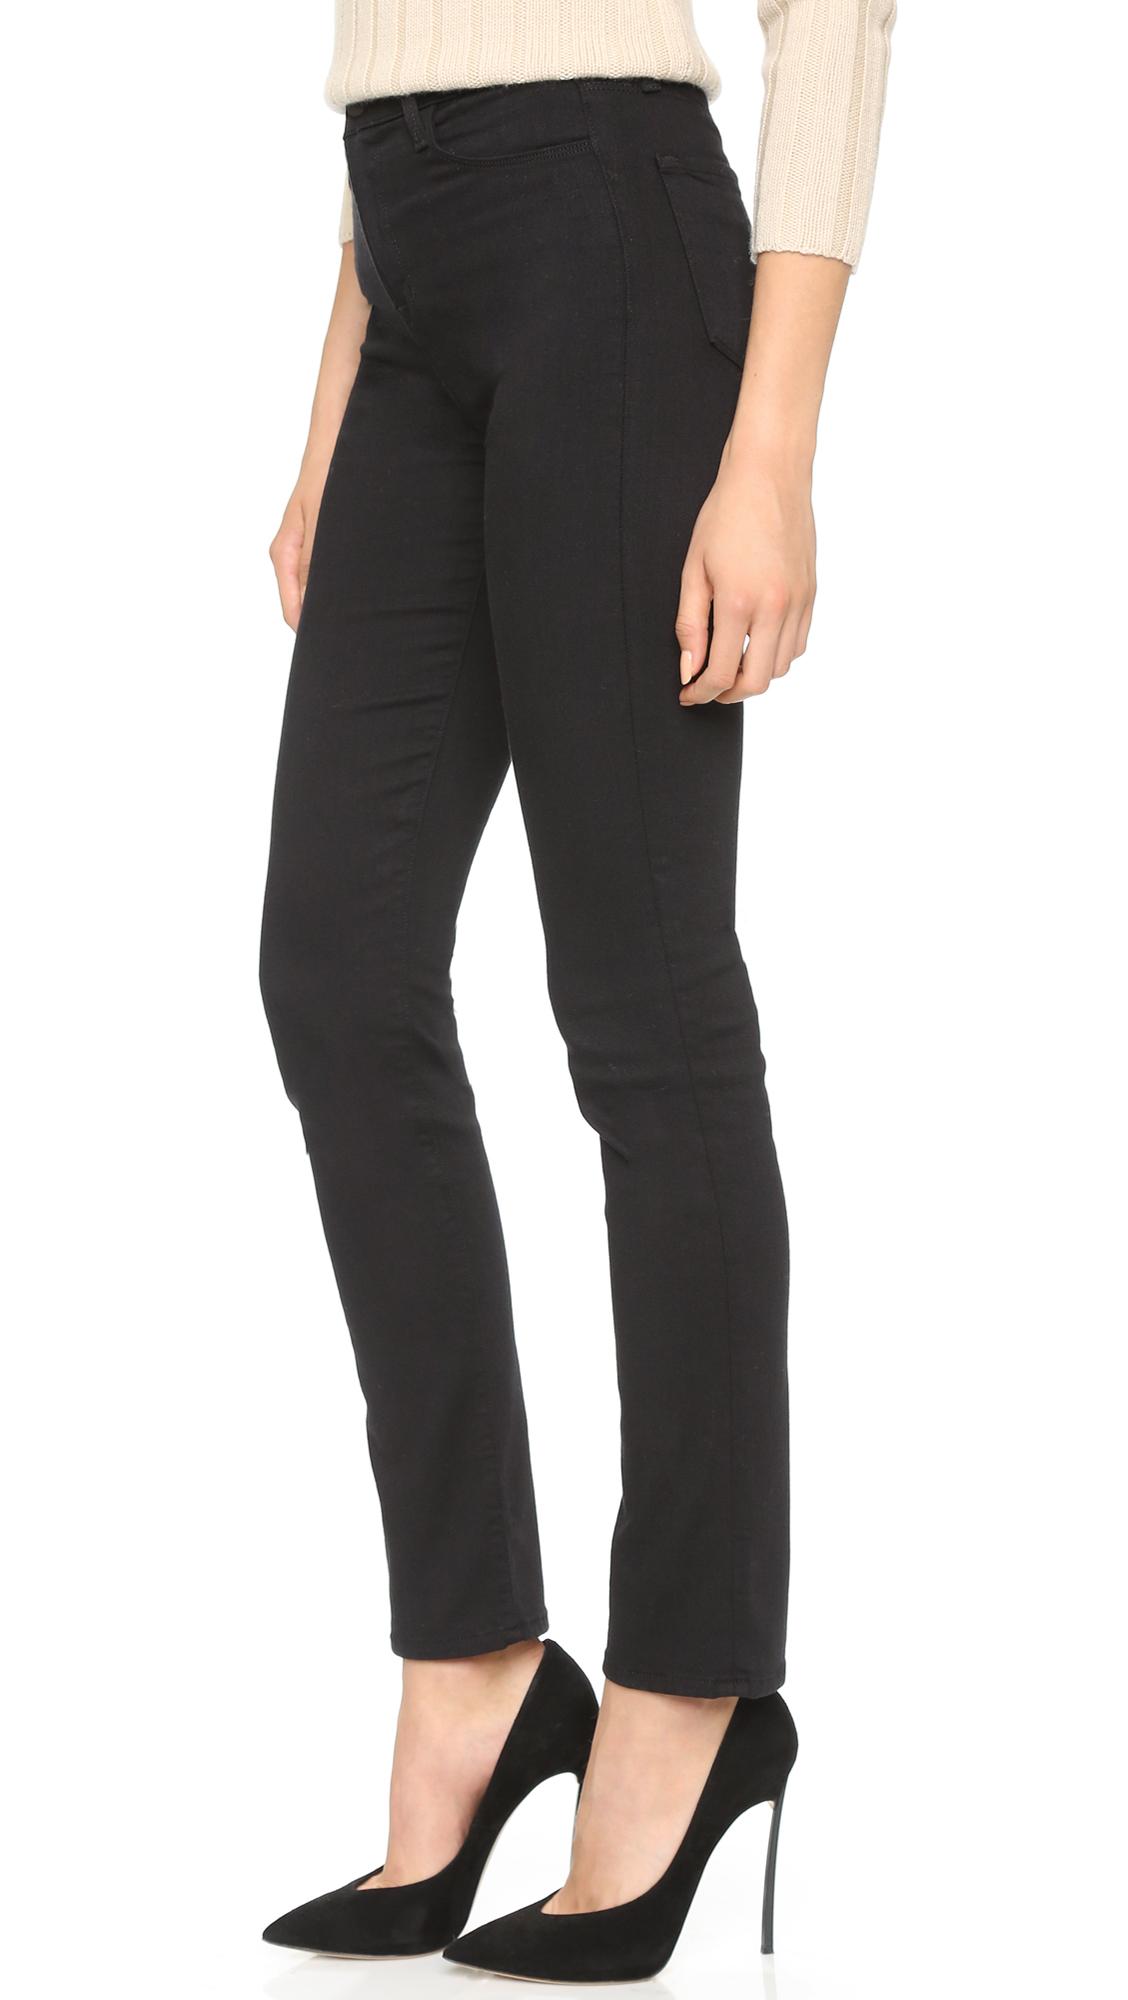 And Fine Diesel Skinzee Skinny Jeans Vintage Wash Womens Jeans Jeans for Women COLOUR-vintage wash